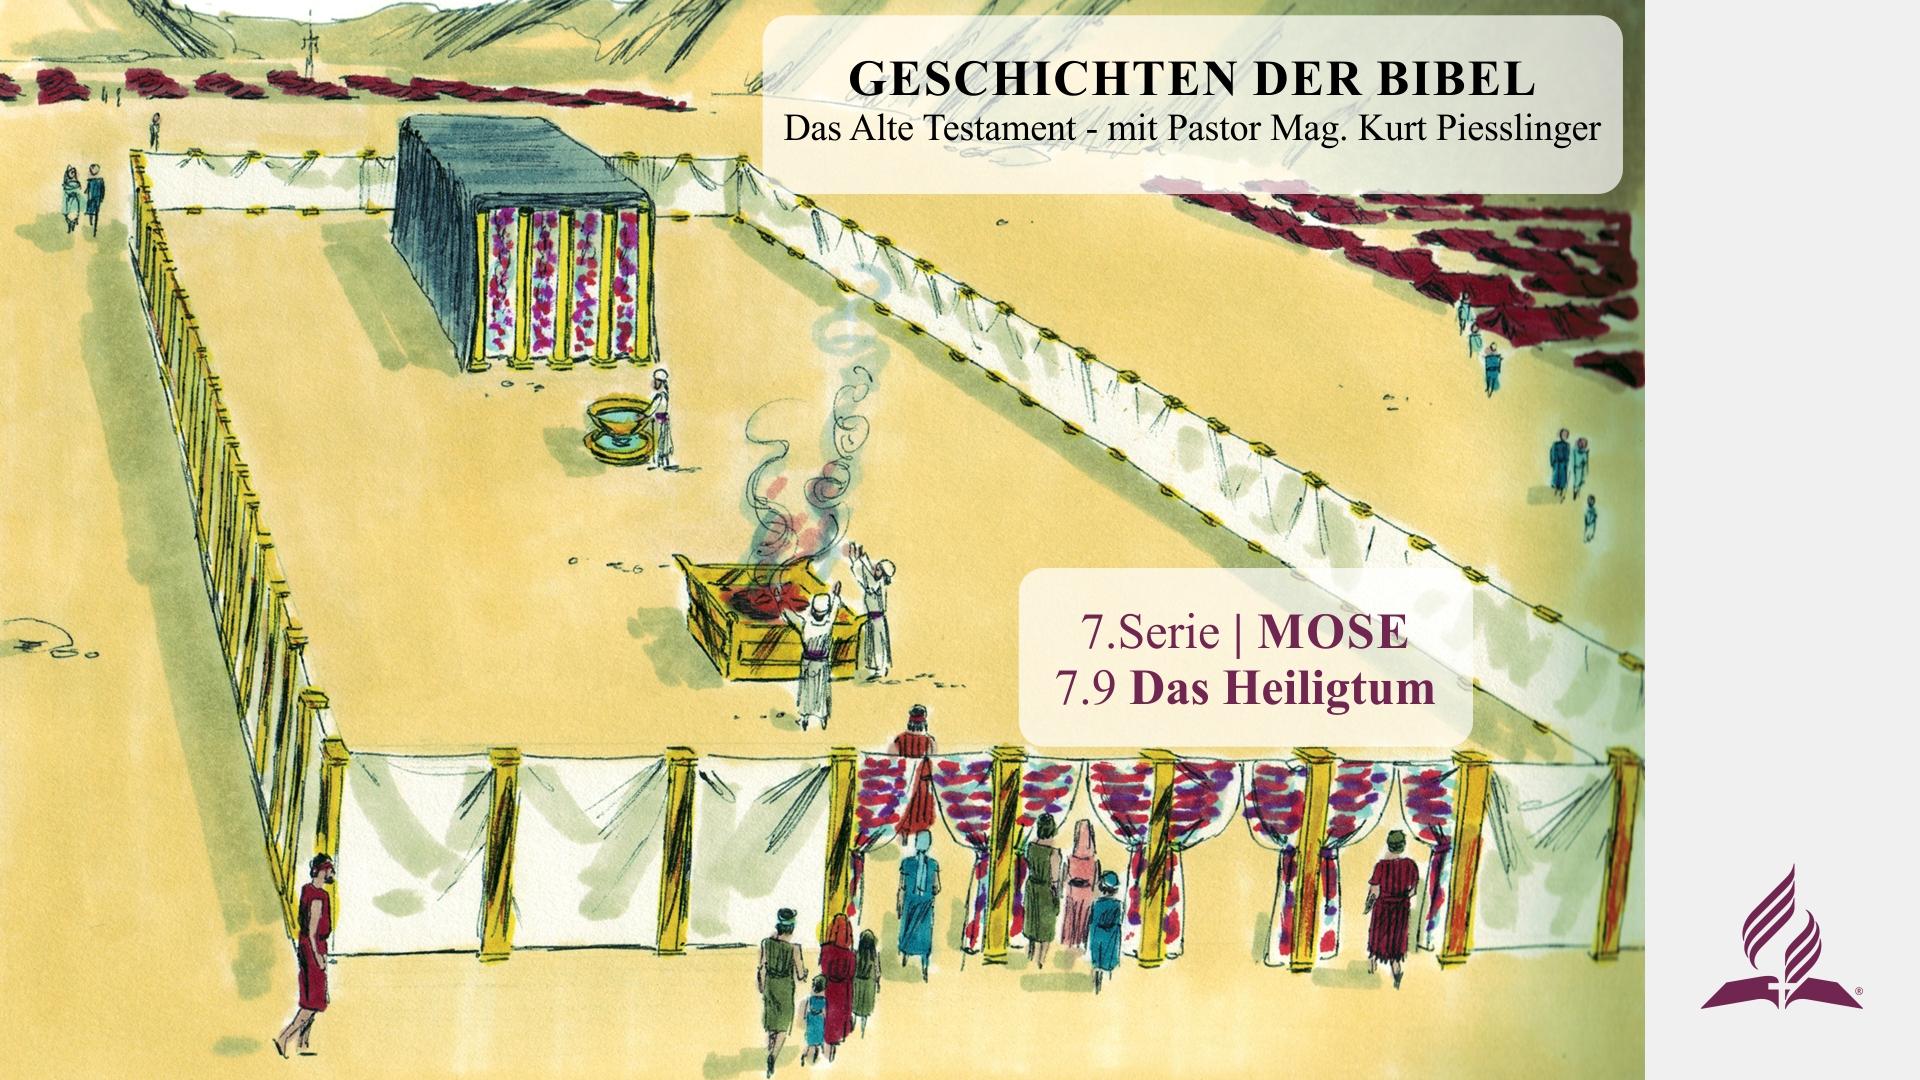 GESCHICHTEN DER BIBEL: 7.9 Das Heiligtum – 7.MOSE | Pastor Mag. Kurt Piesslinger